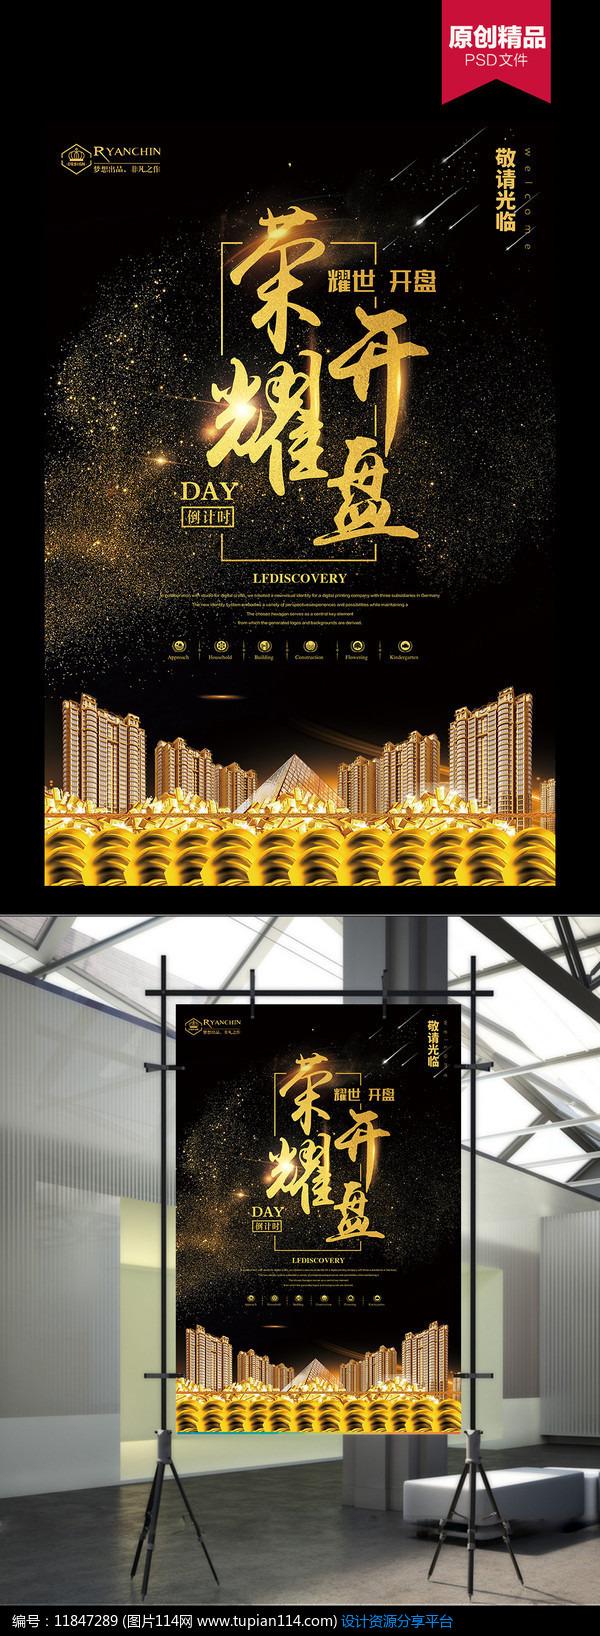 psd素材 广告设计模板 海报设计 荣耀开盘海报设计